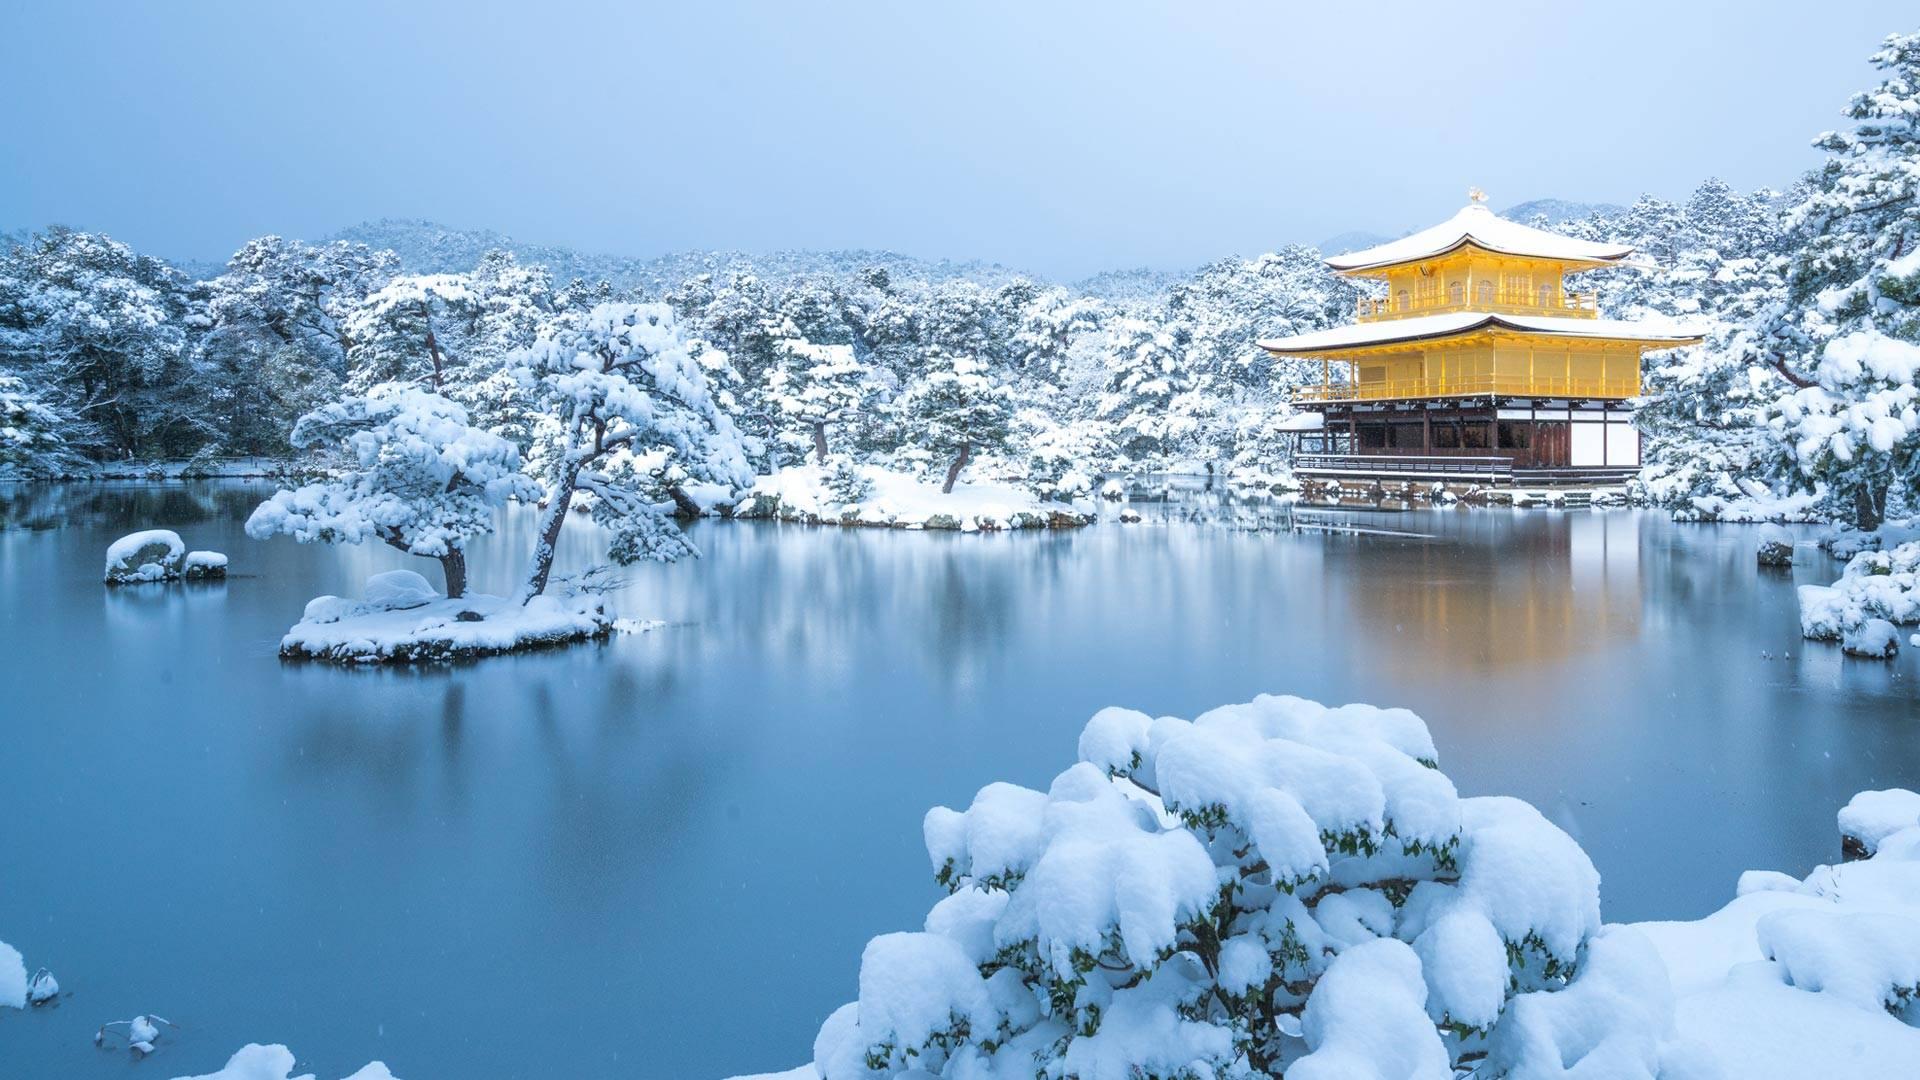 冬季唯美自然风光美景桌面壁纸